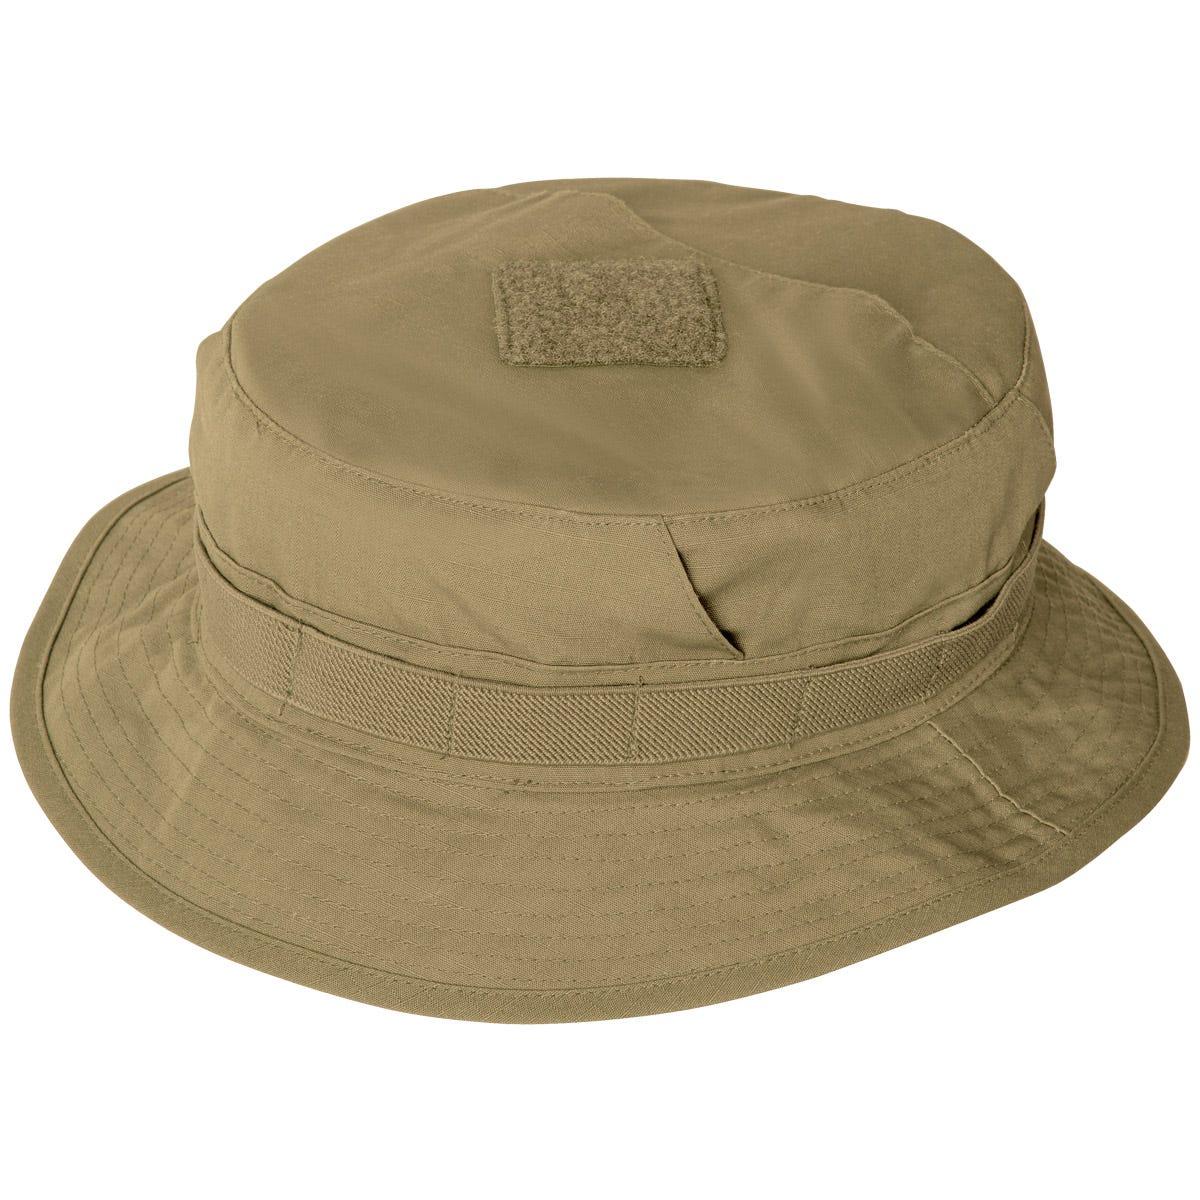 9f59c144634 helikon cpu hat coyote 1a.jpg